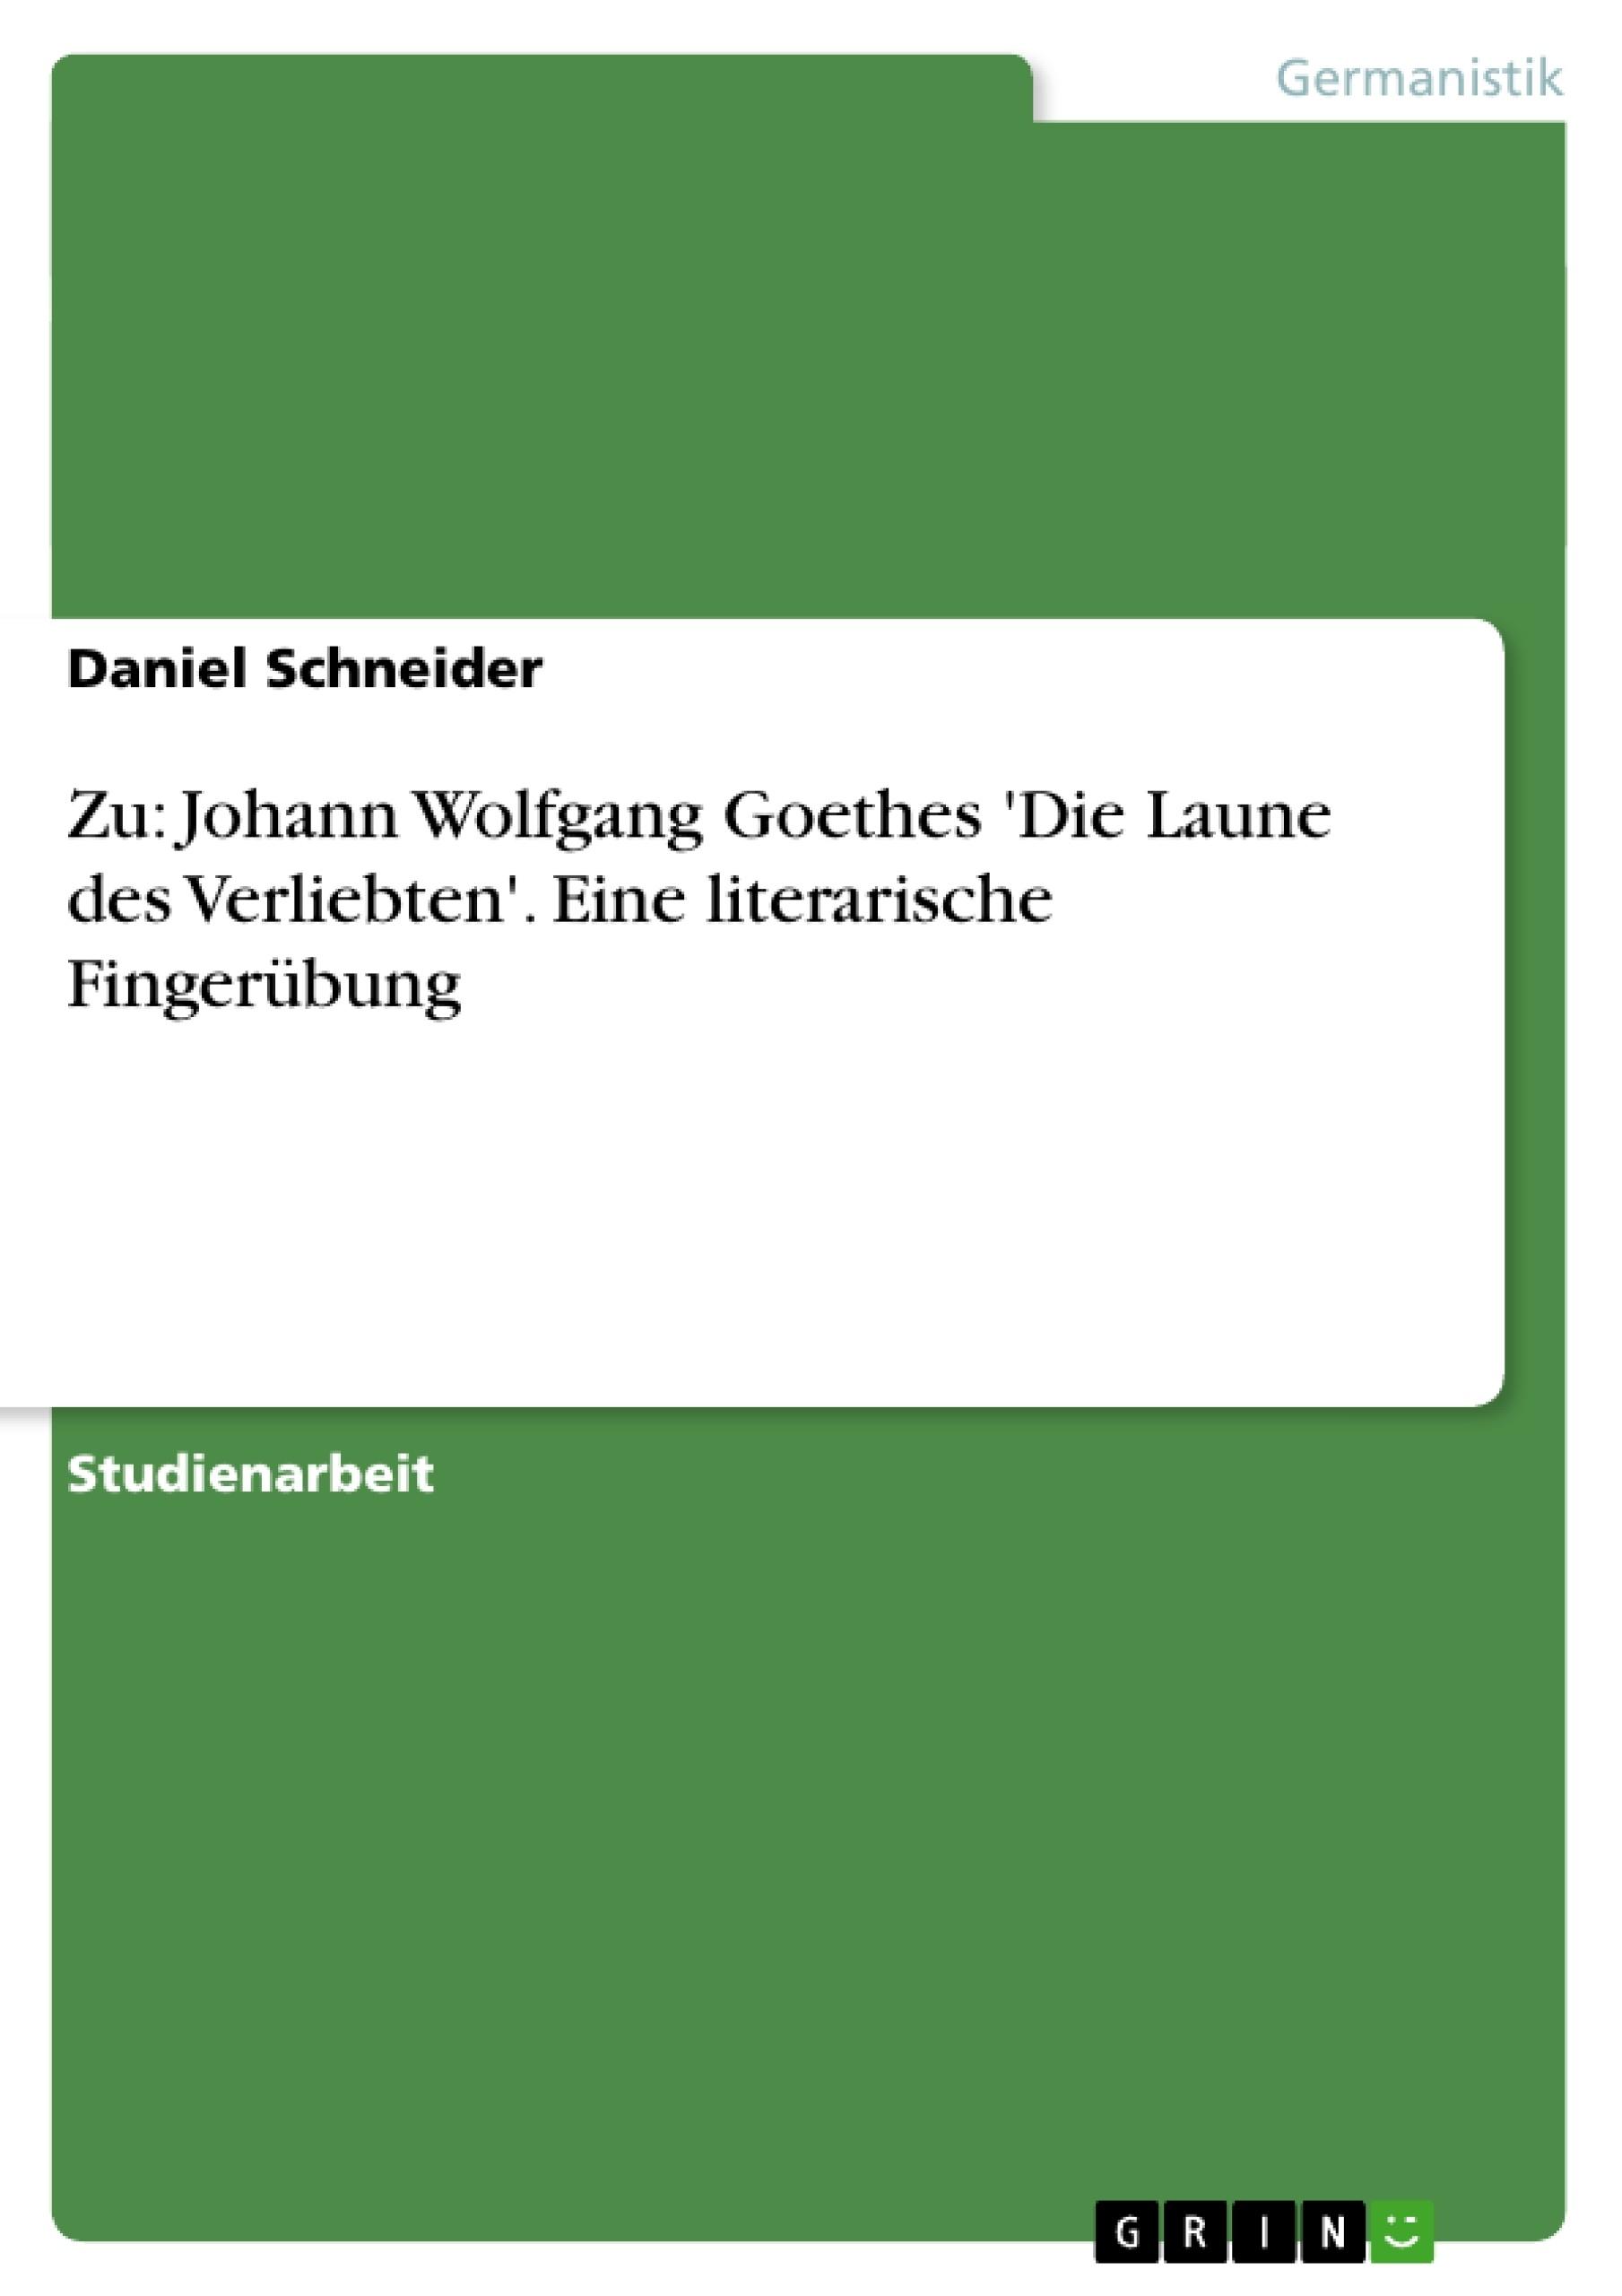 Titel: Zu: Johann Wolfgang Goethes 'Die Laune des Verliebten'. Eine literarische Fingerübung